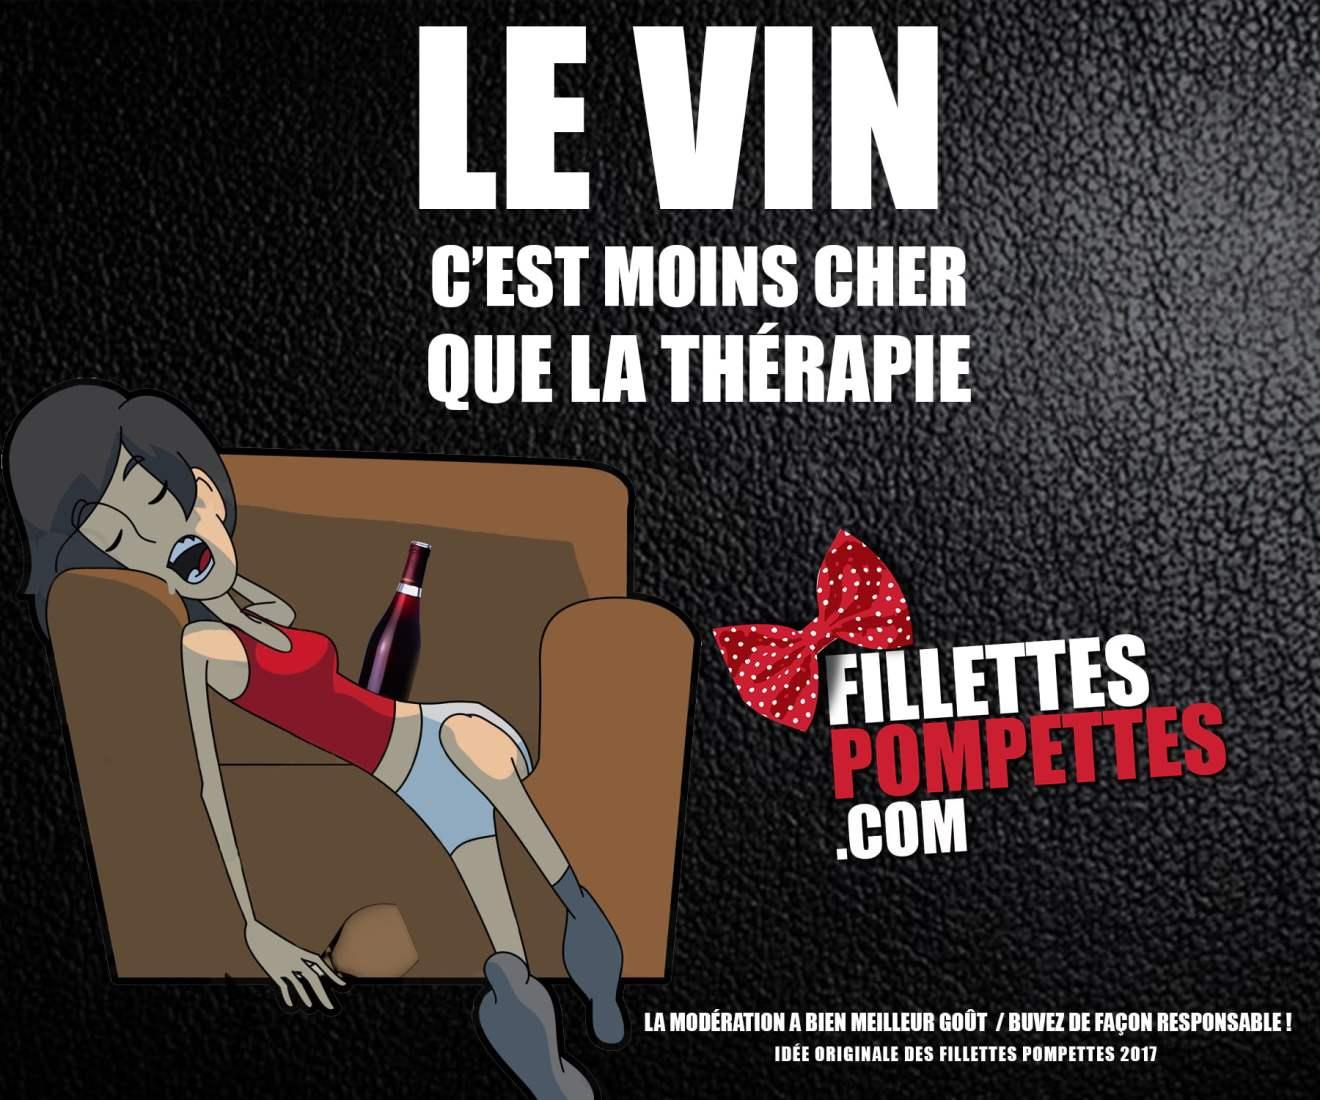 vin_therapie_fillettes-pompettes